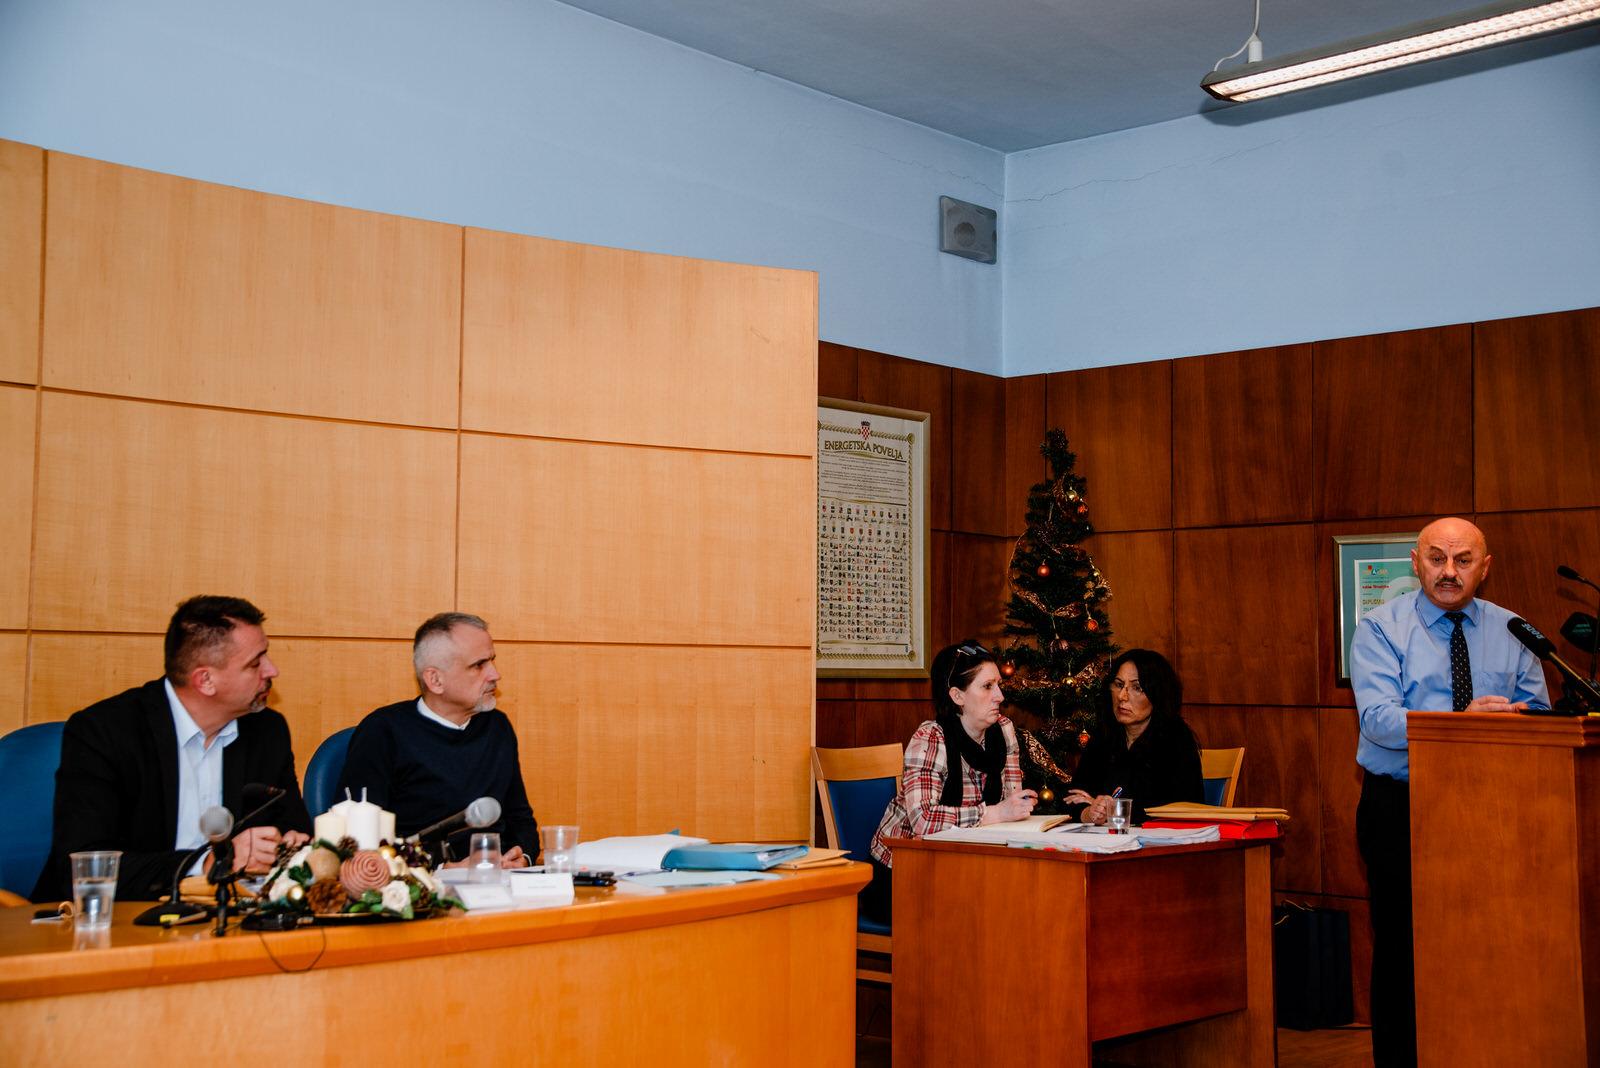 likaclub_27-sjednica-gradskog-vijeća_proračun_2019-12